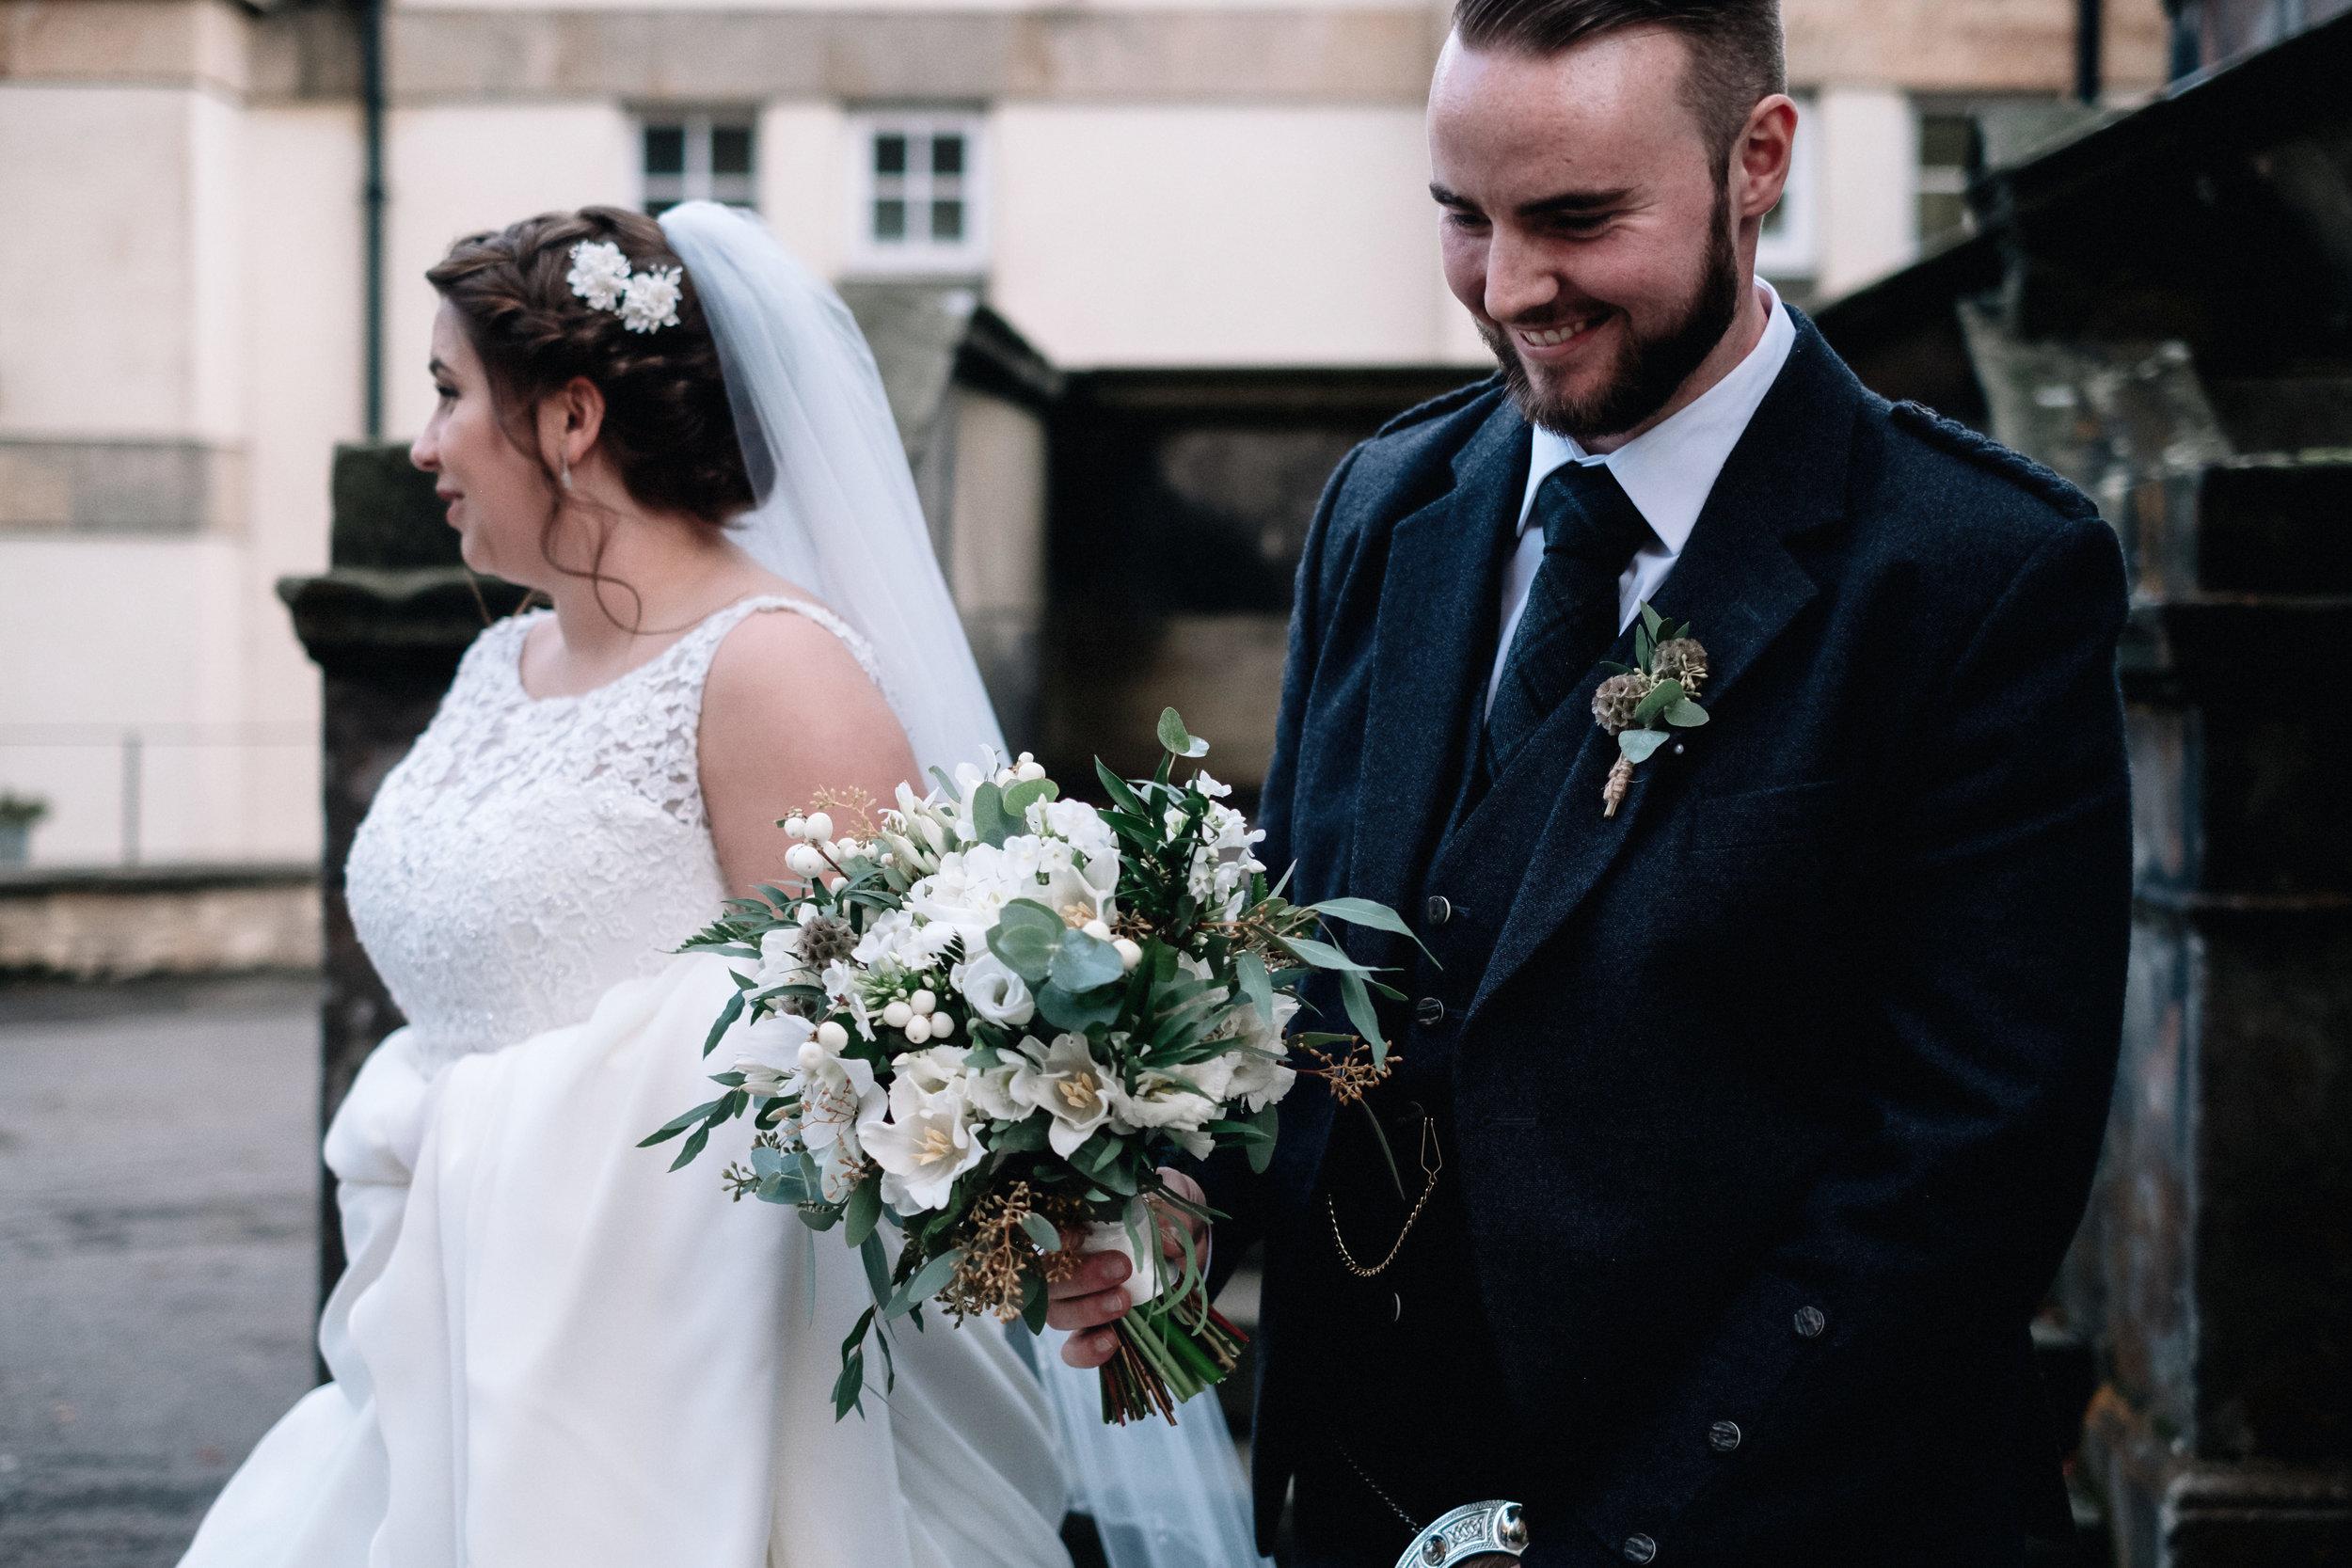 Groom carries his bride's flowers